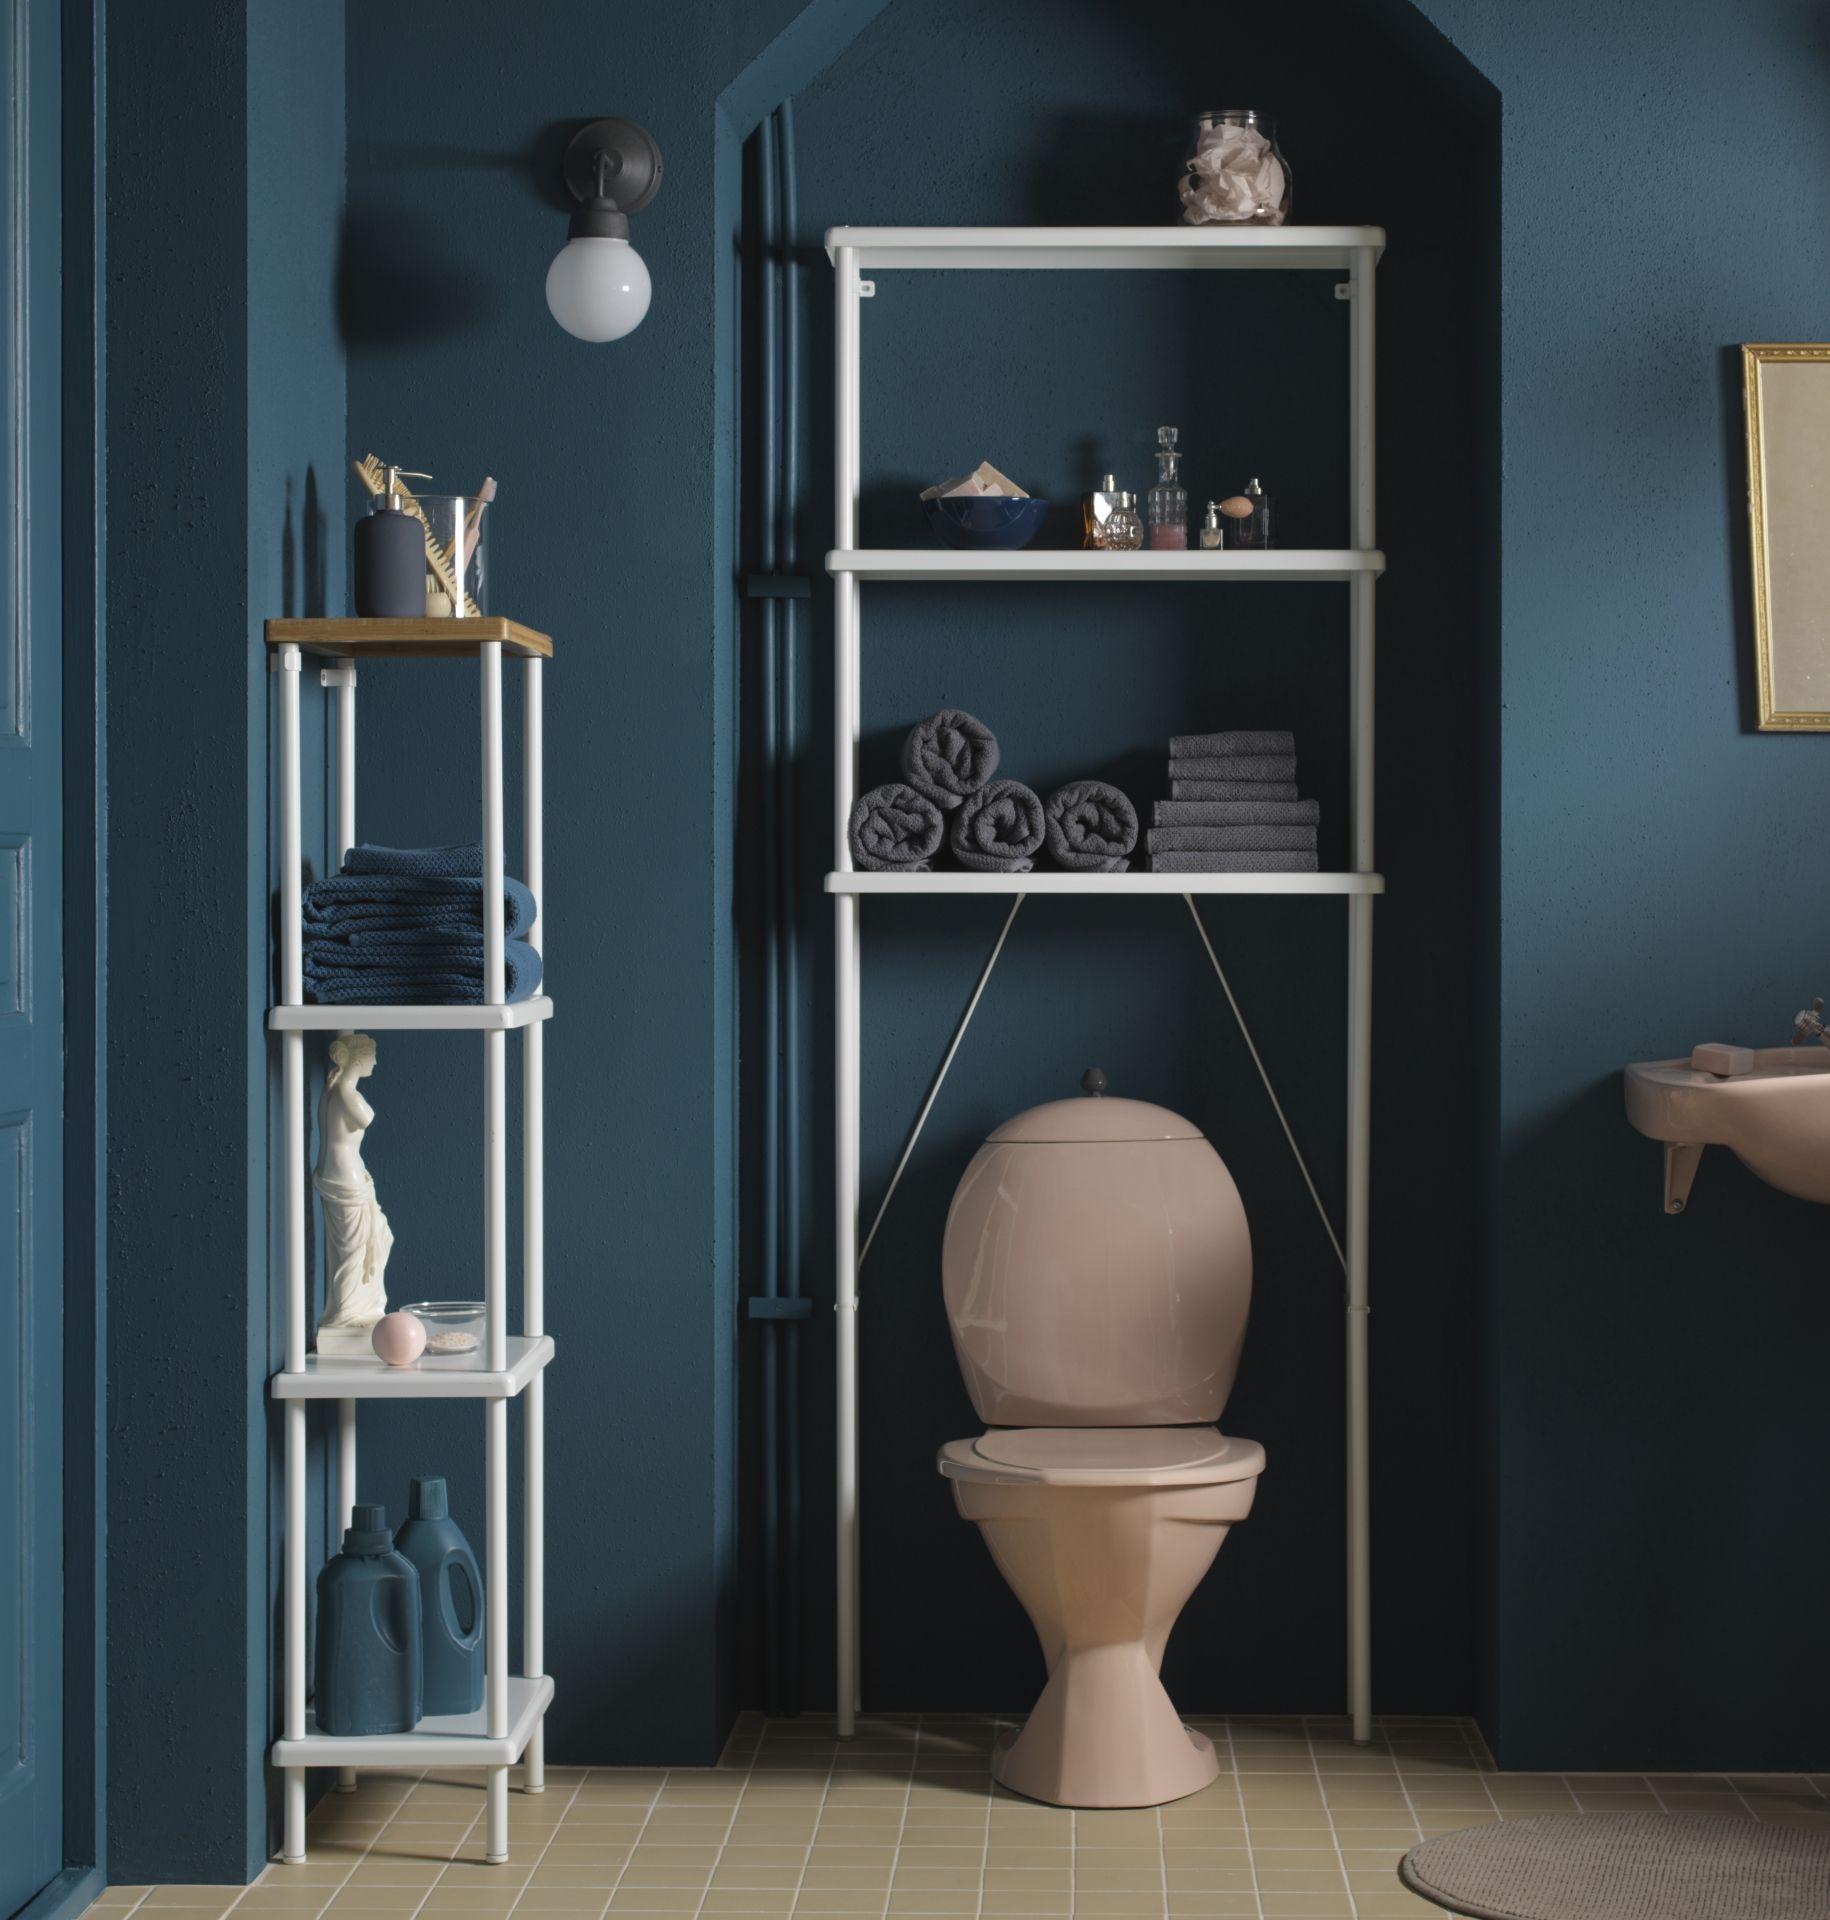 Kast Boven Toilet Ikea.Dynan Open Opberger Wit Badkamer Badkamermeubel Ideeen